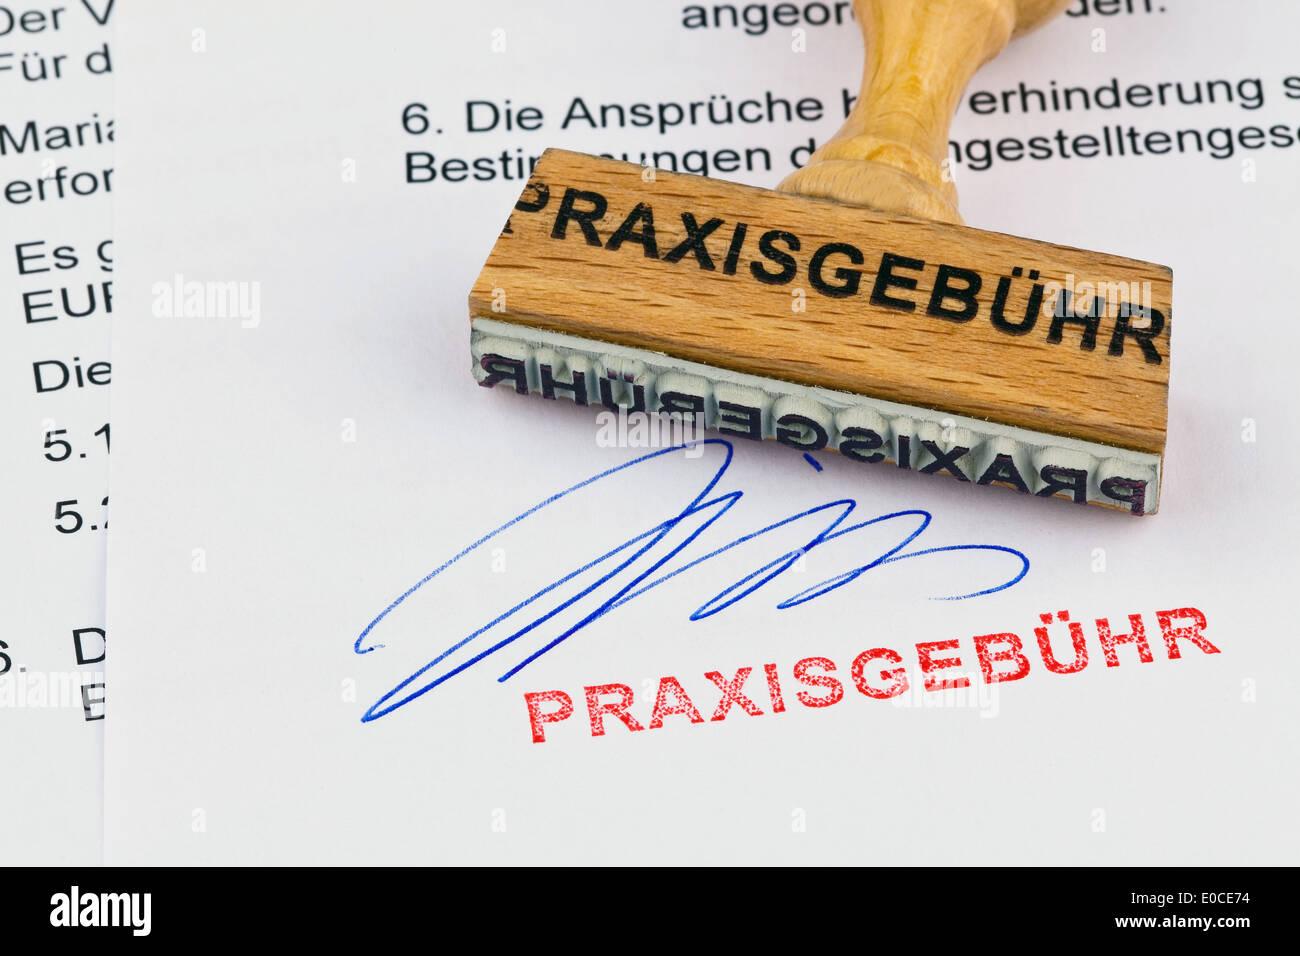 A stamp of wood lies on a document. Label Practise fee, Ein Stempel aus Holz liegt auf einem Dokument. Aufschrift Stock Photo